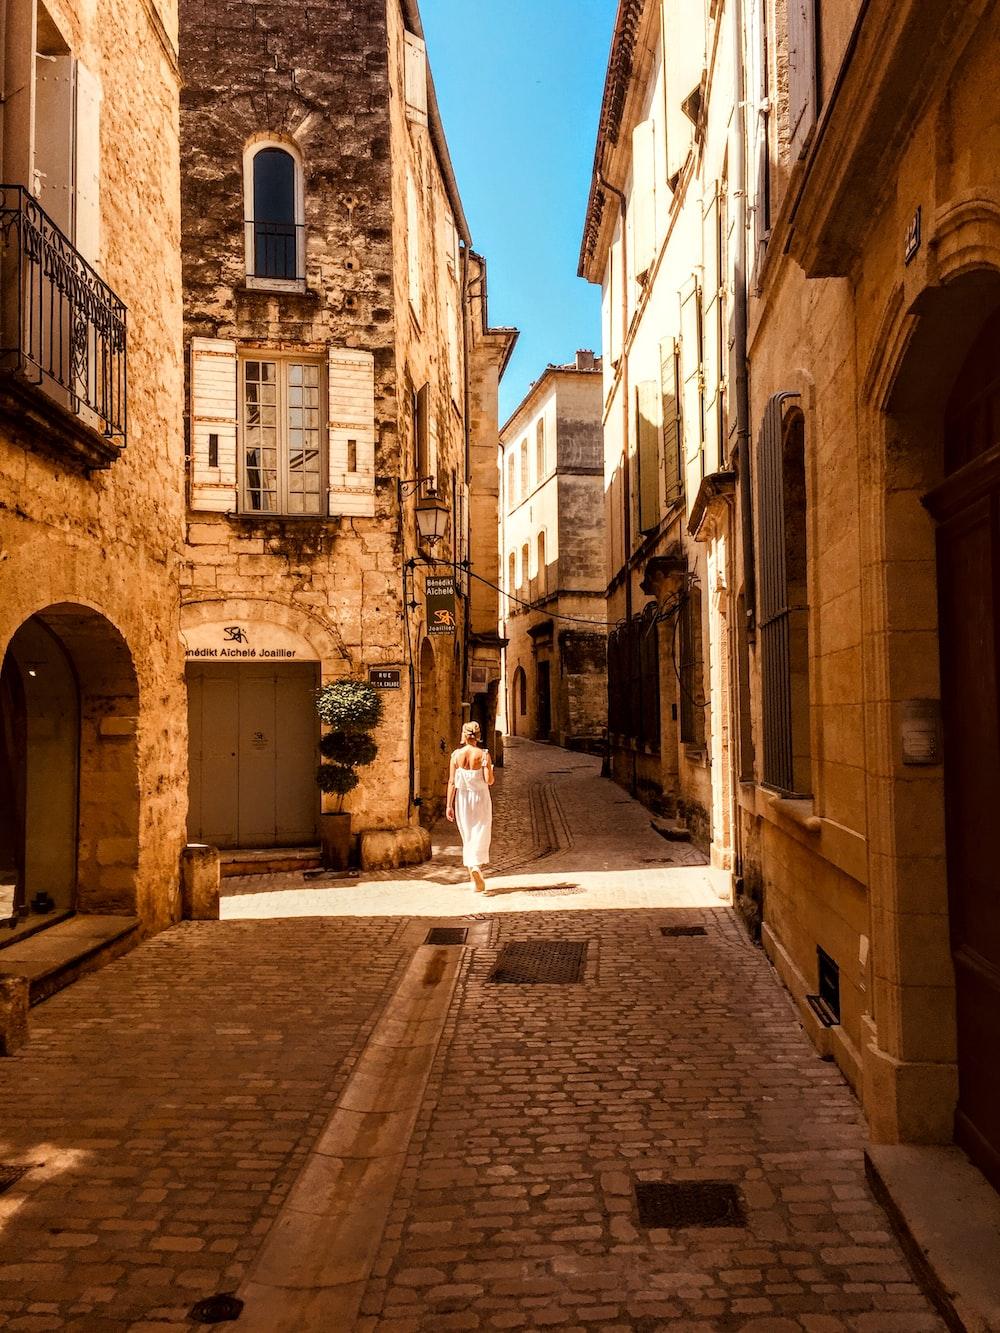 woman walking on narrow pathway during daytime